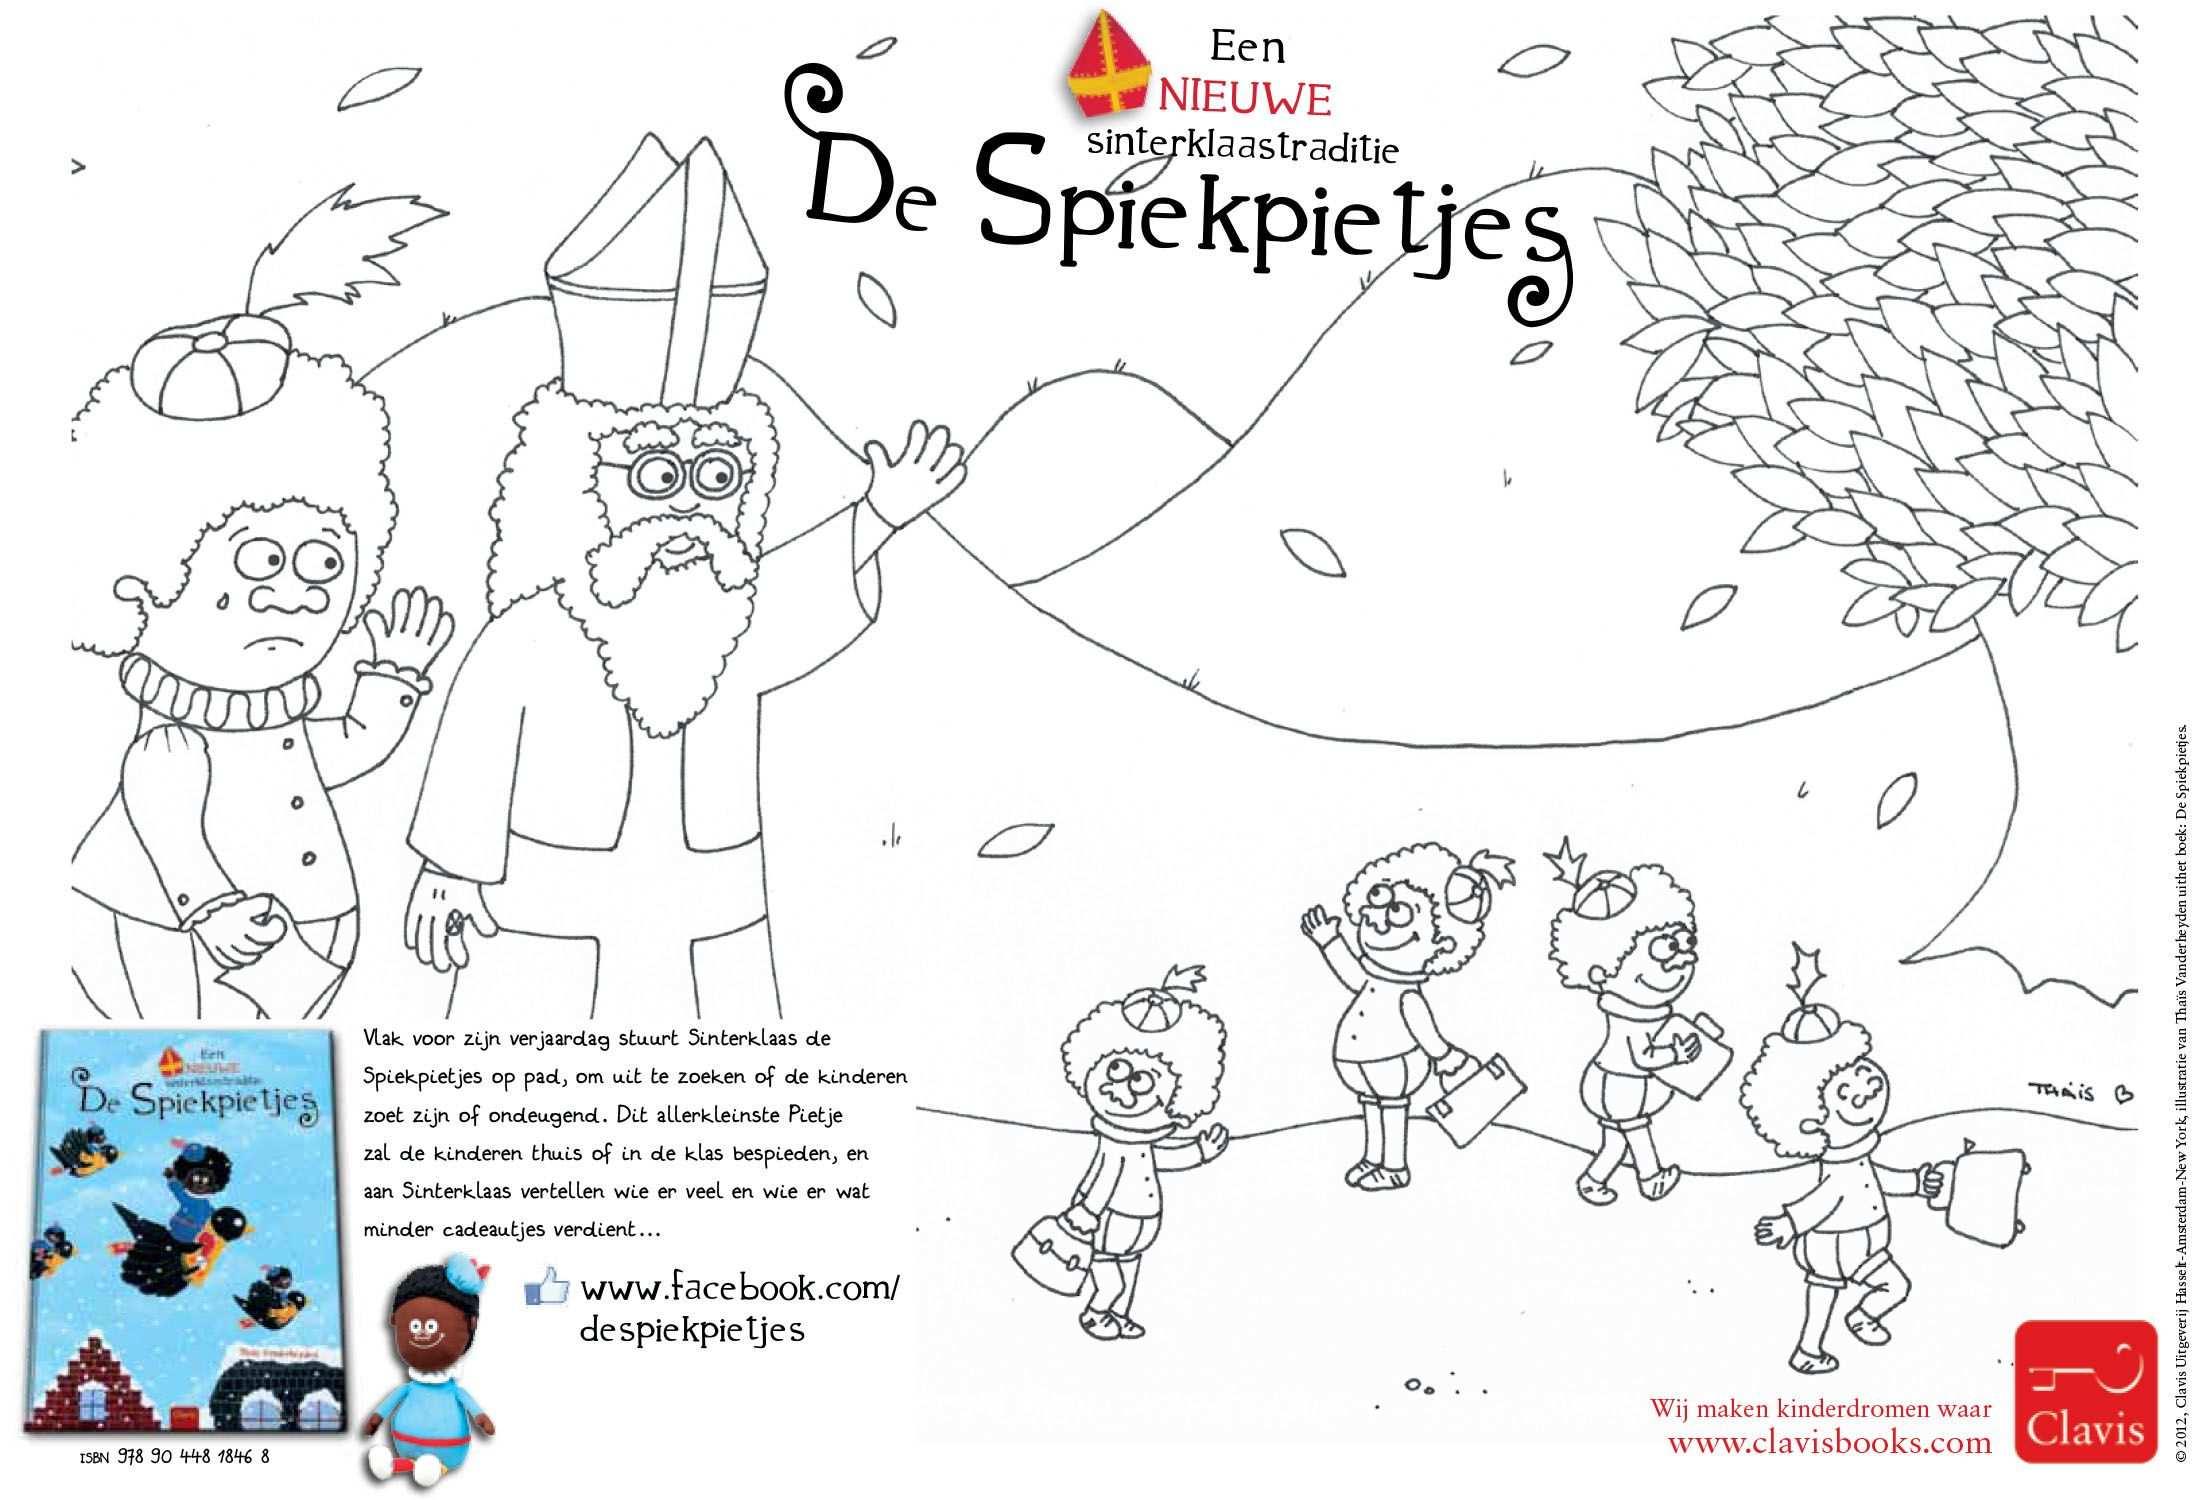 Kleurplaat Van De Spiekpietjes Sinterklaas Boek Van Clavis Http